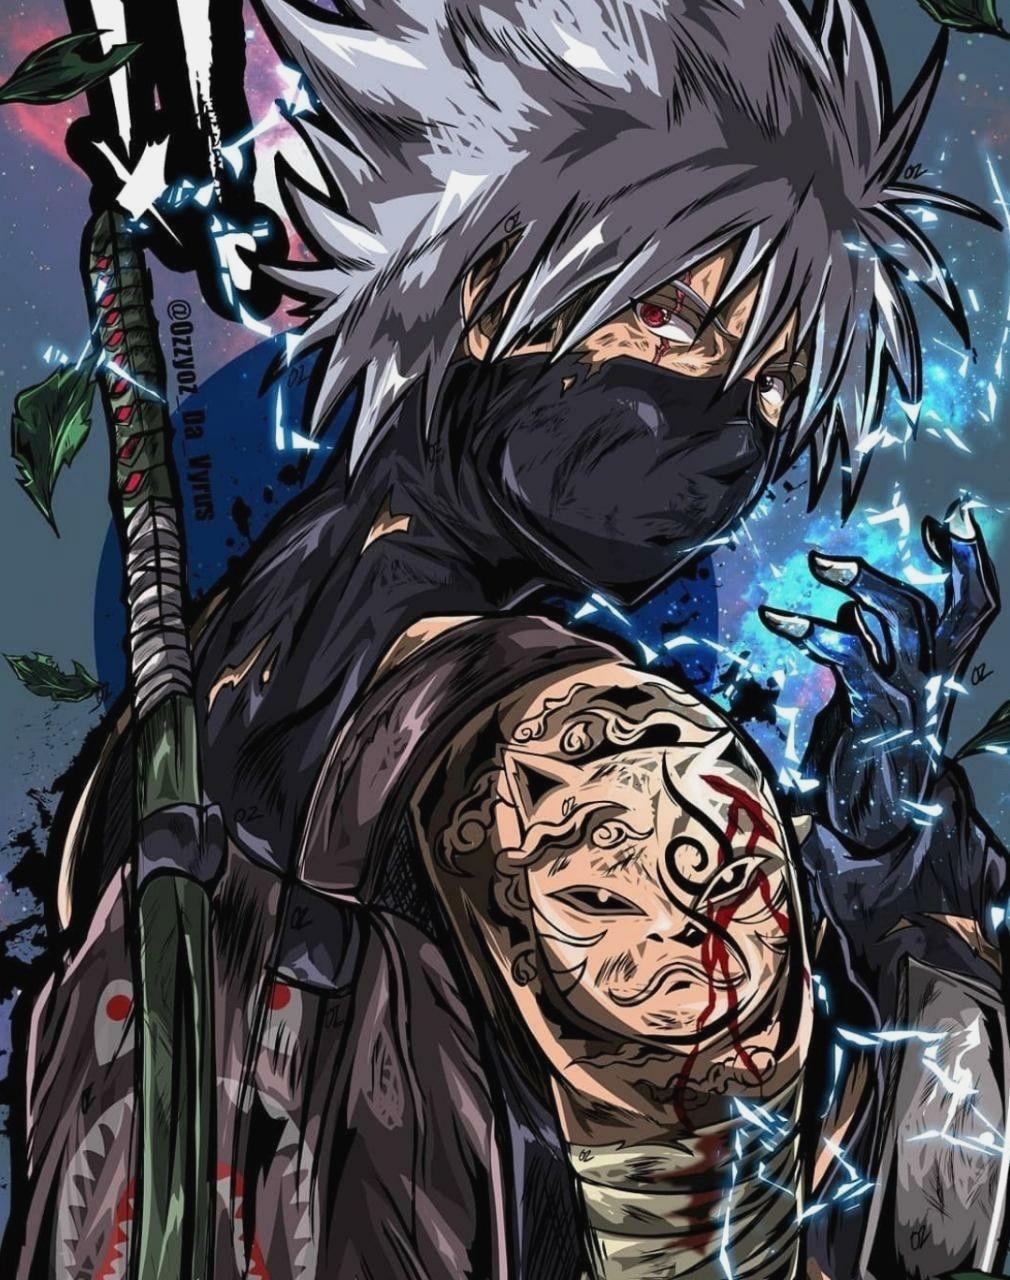 Naruto Y Sasuke Kakashi Anbu Anime Naruto Naruto Shippuden